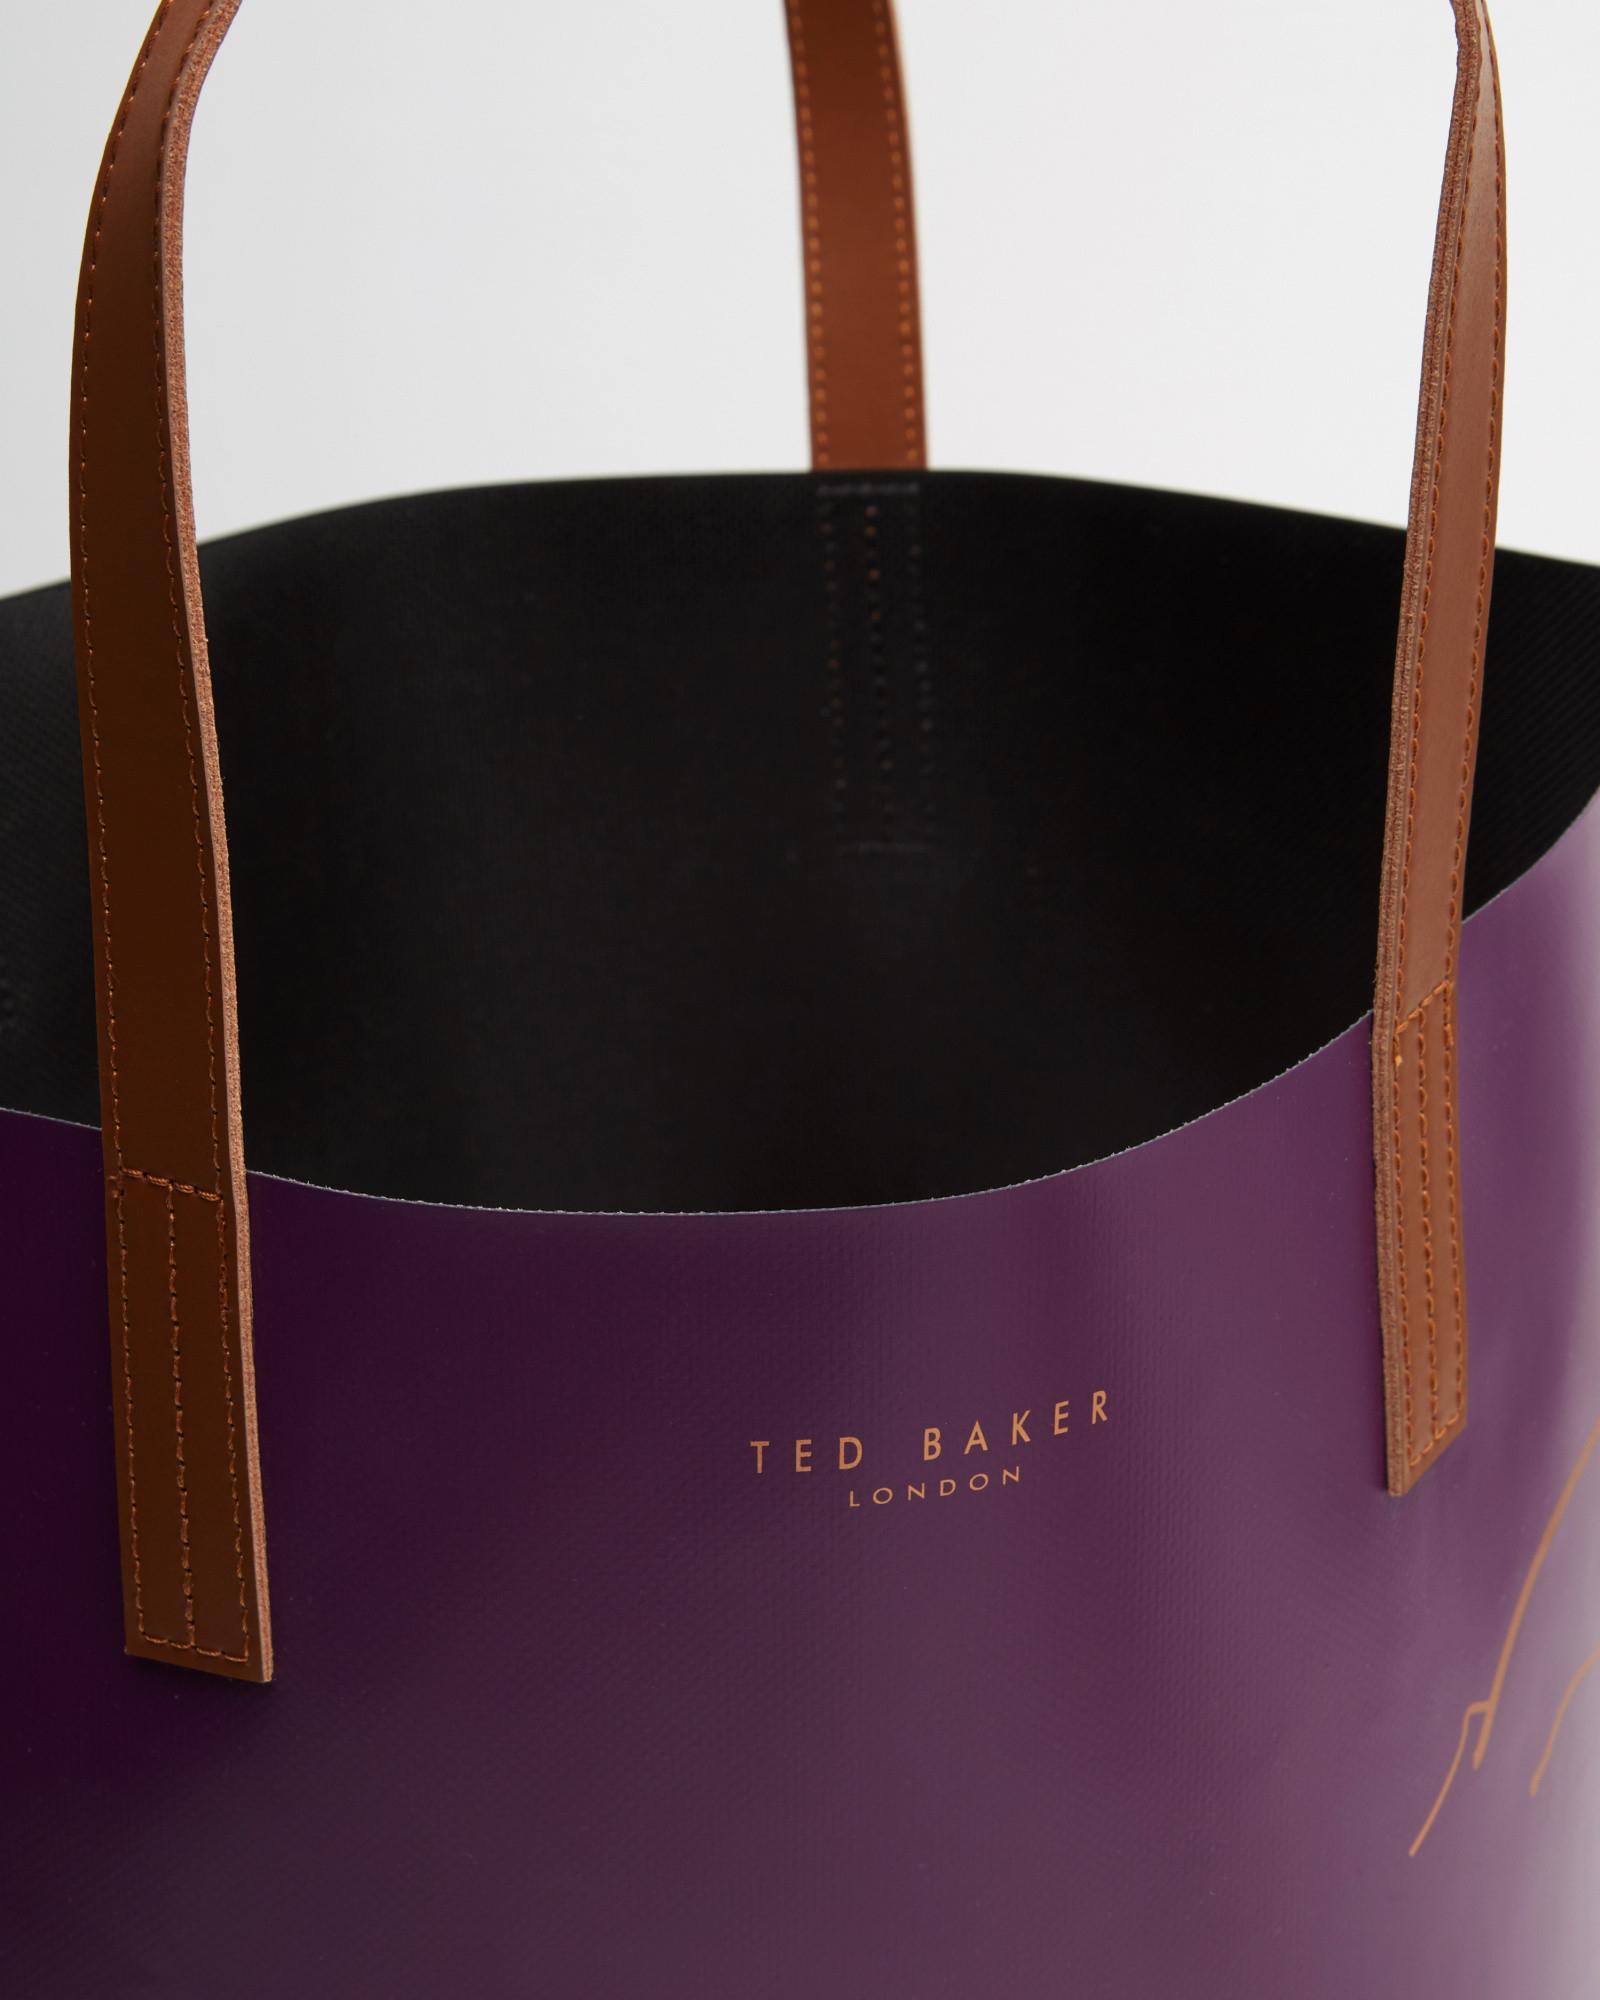 5a4f33541f32 Ted Baker Teddy Foil Detail Shopper Bag in Purple - Lyst